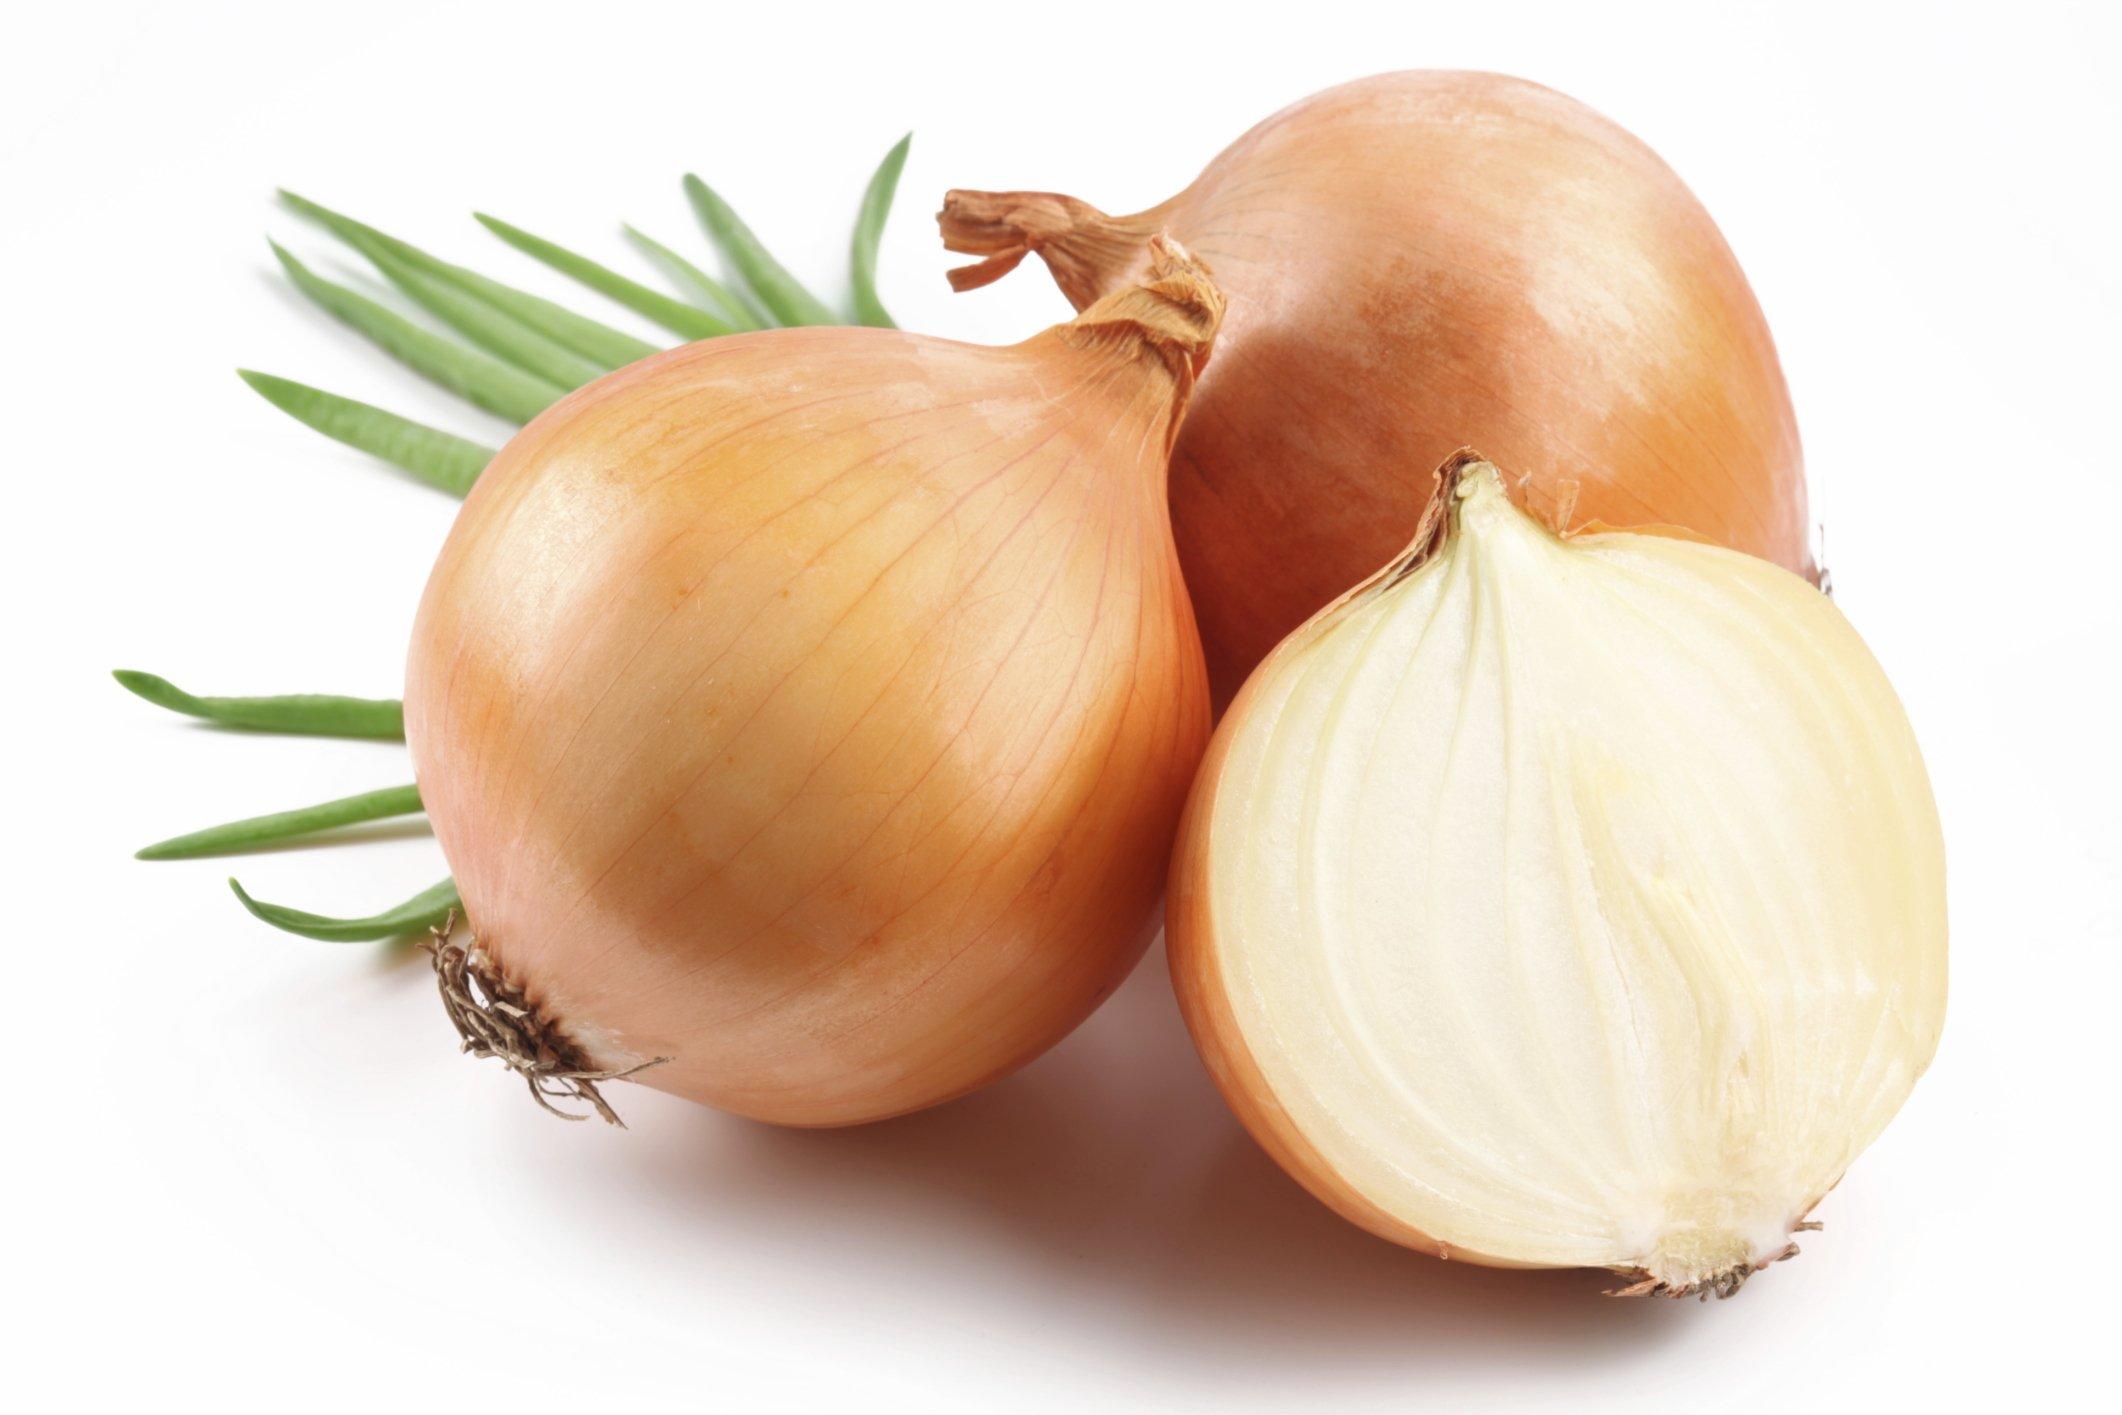 Onion - Dormir com cebolas dentro das meias? Veja o porquê!